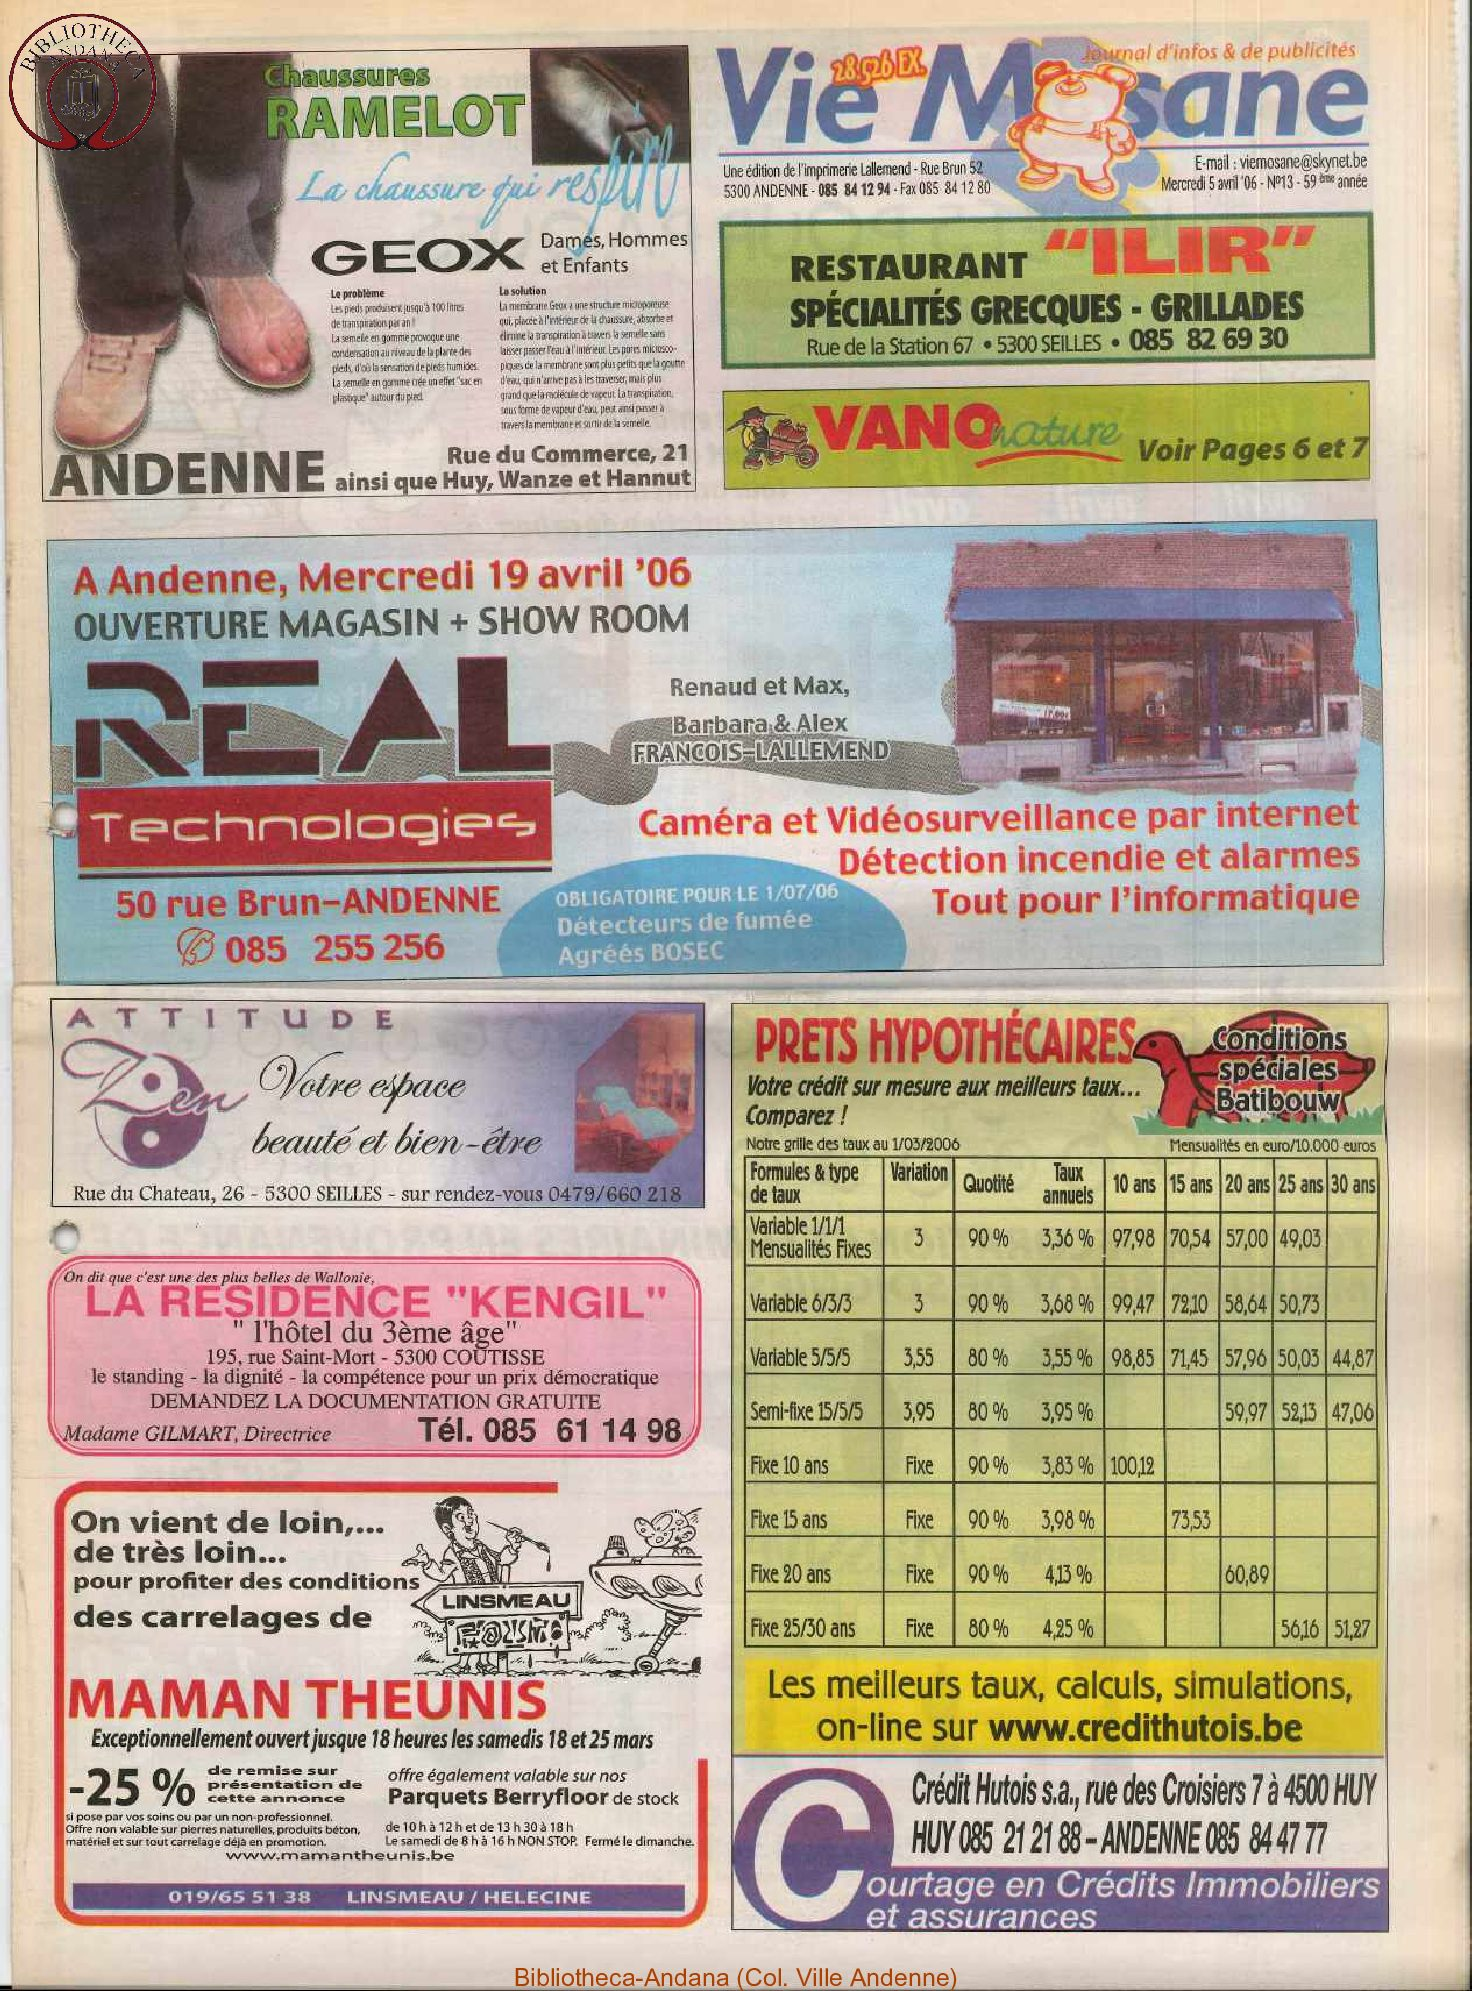 59e année - n°13 - 5 avril 2006